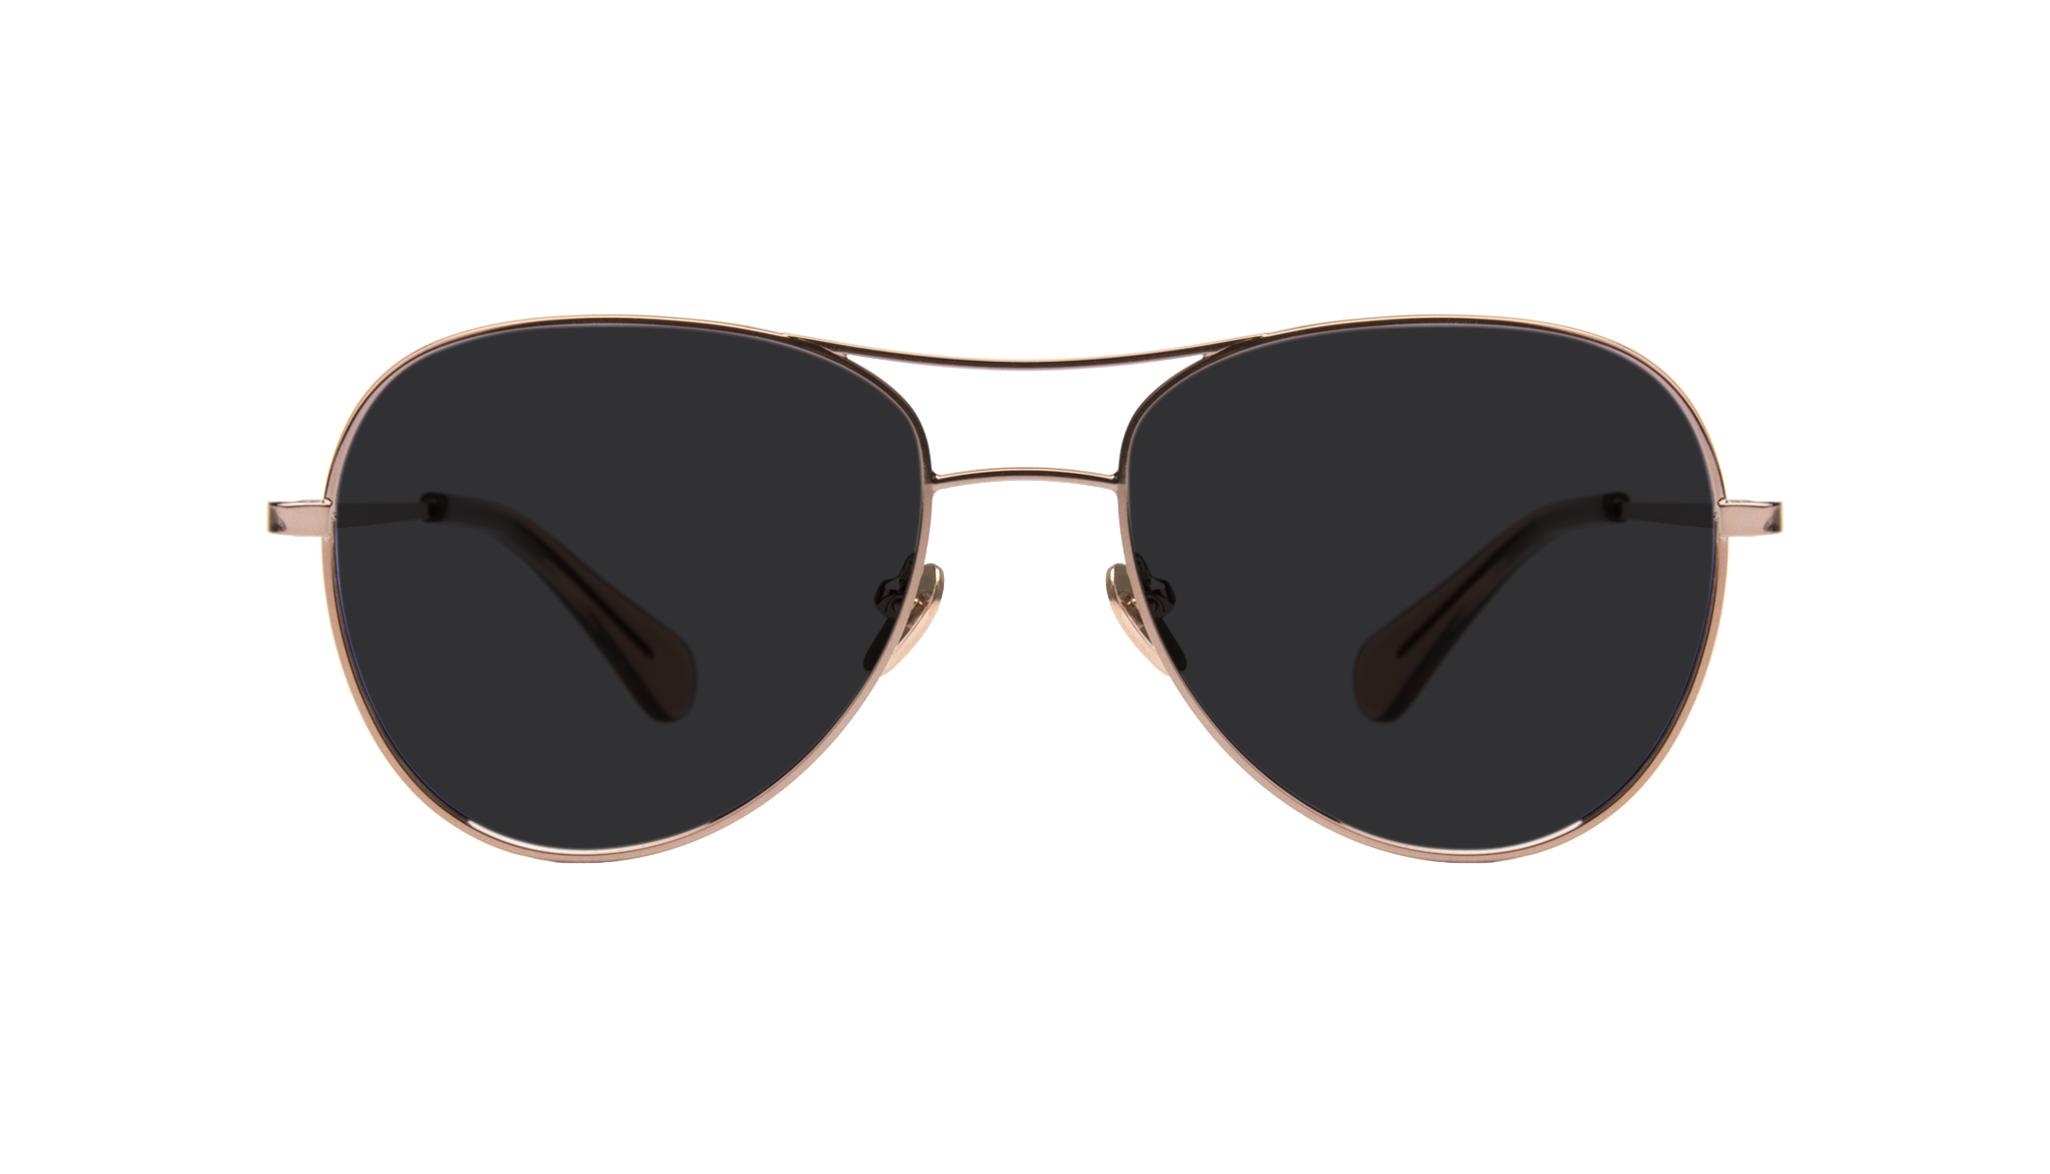 lunette lunette lunette carrefour soleil laval magasin de de de de fqO5xxwTI 161ef29c5f30